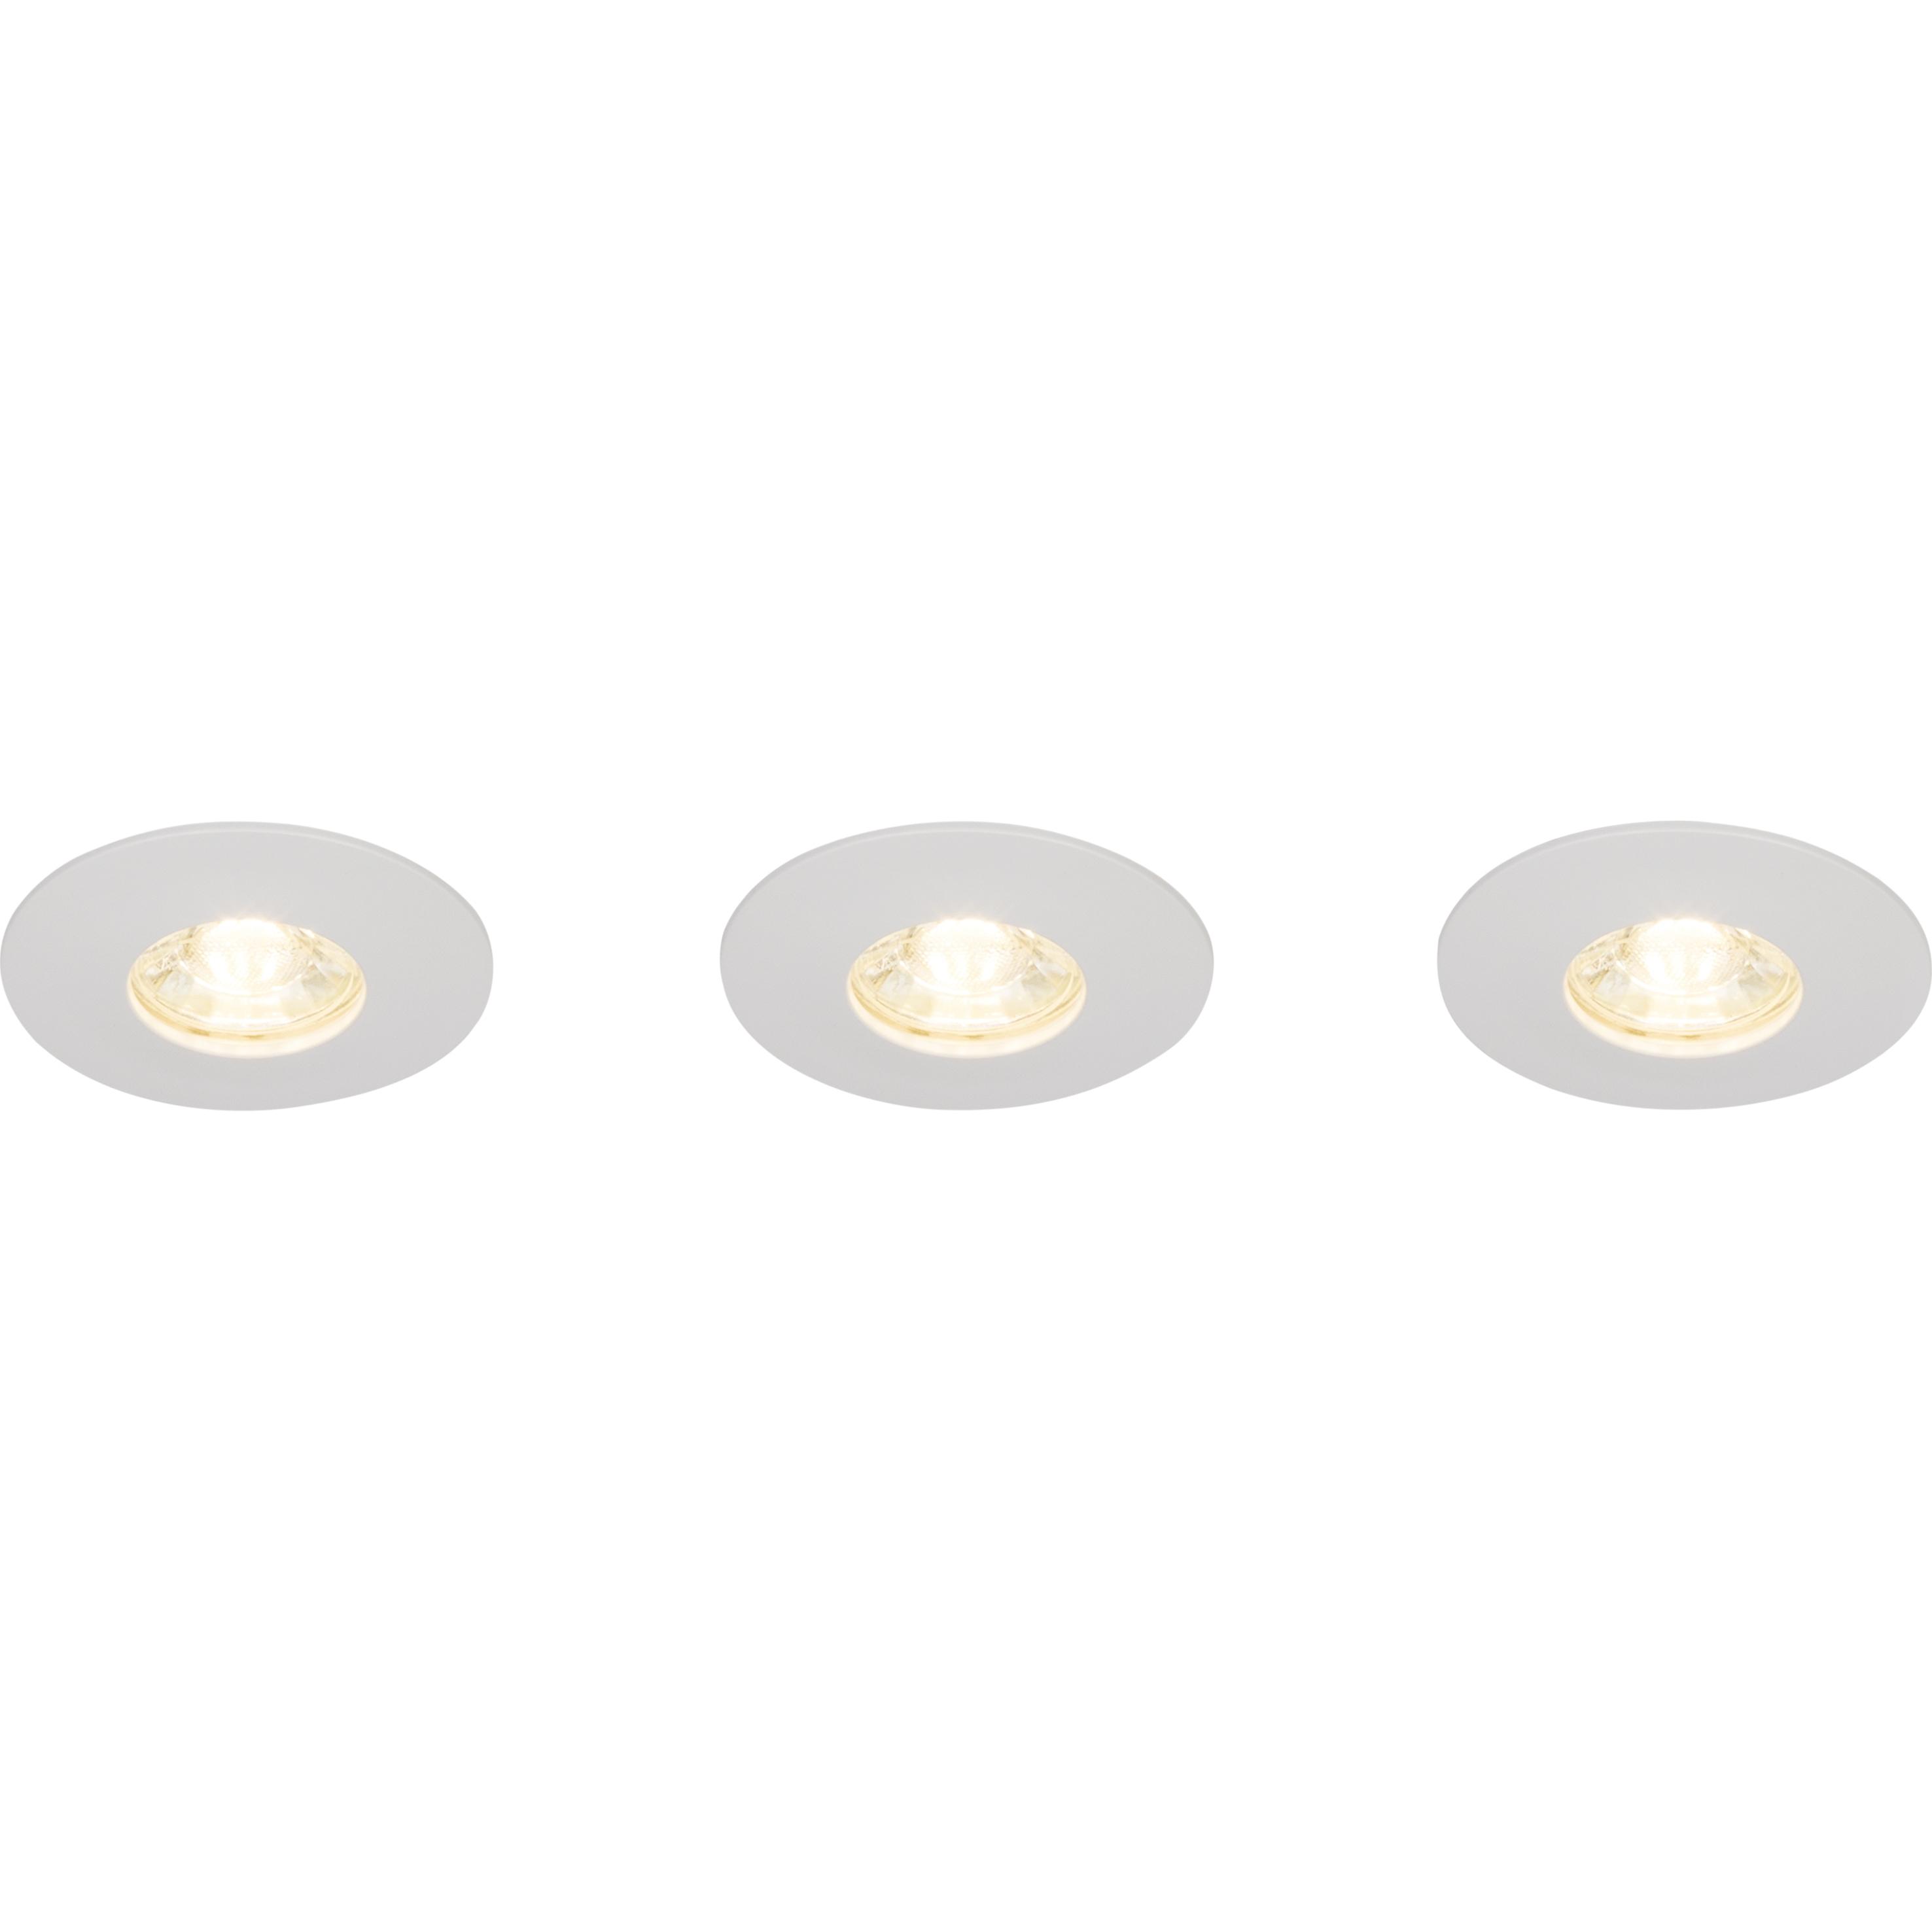 Brilliant Leuchten Nodus LED Einbauleuchtenset: 3 Stück fest weiß/warmweiß